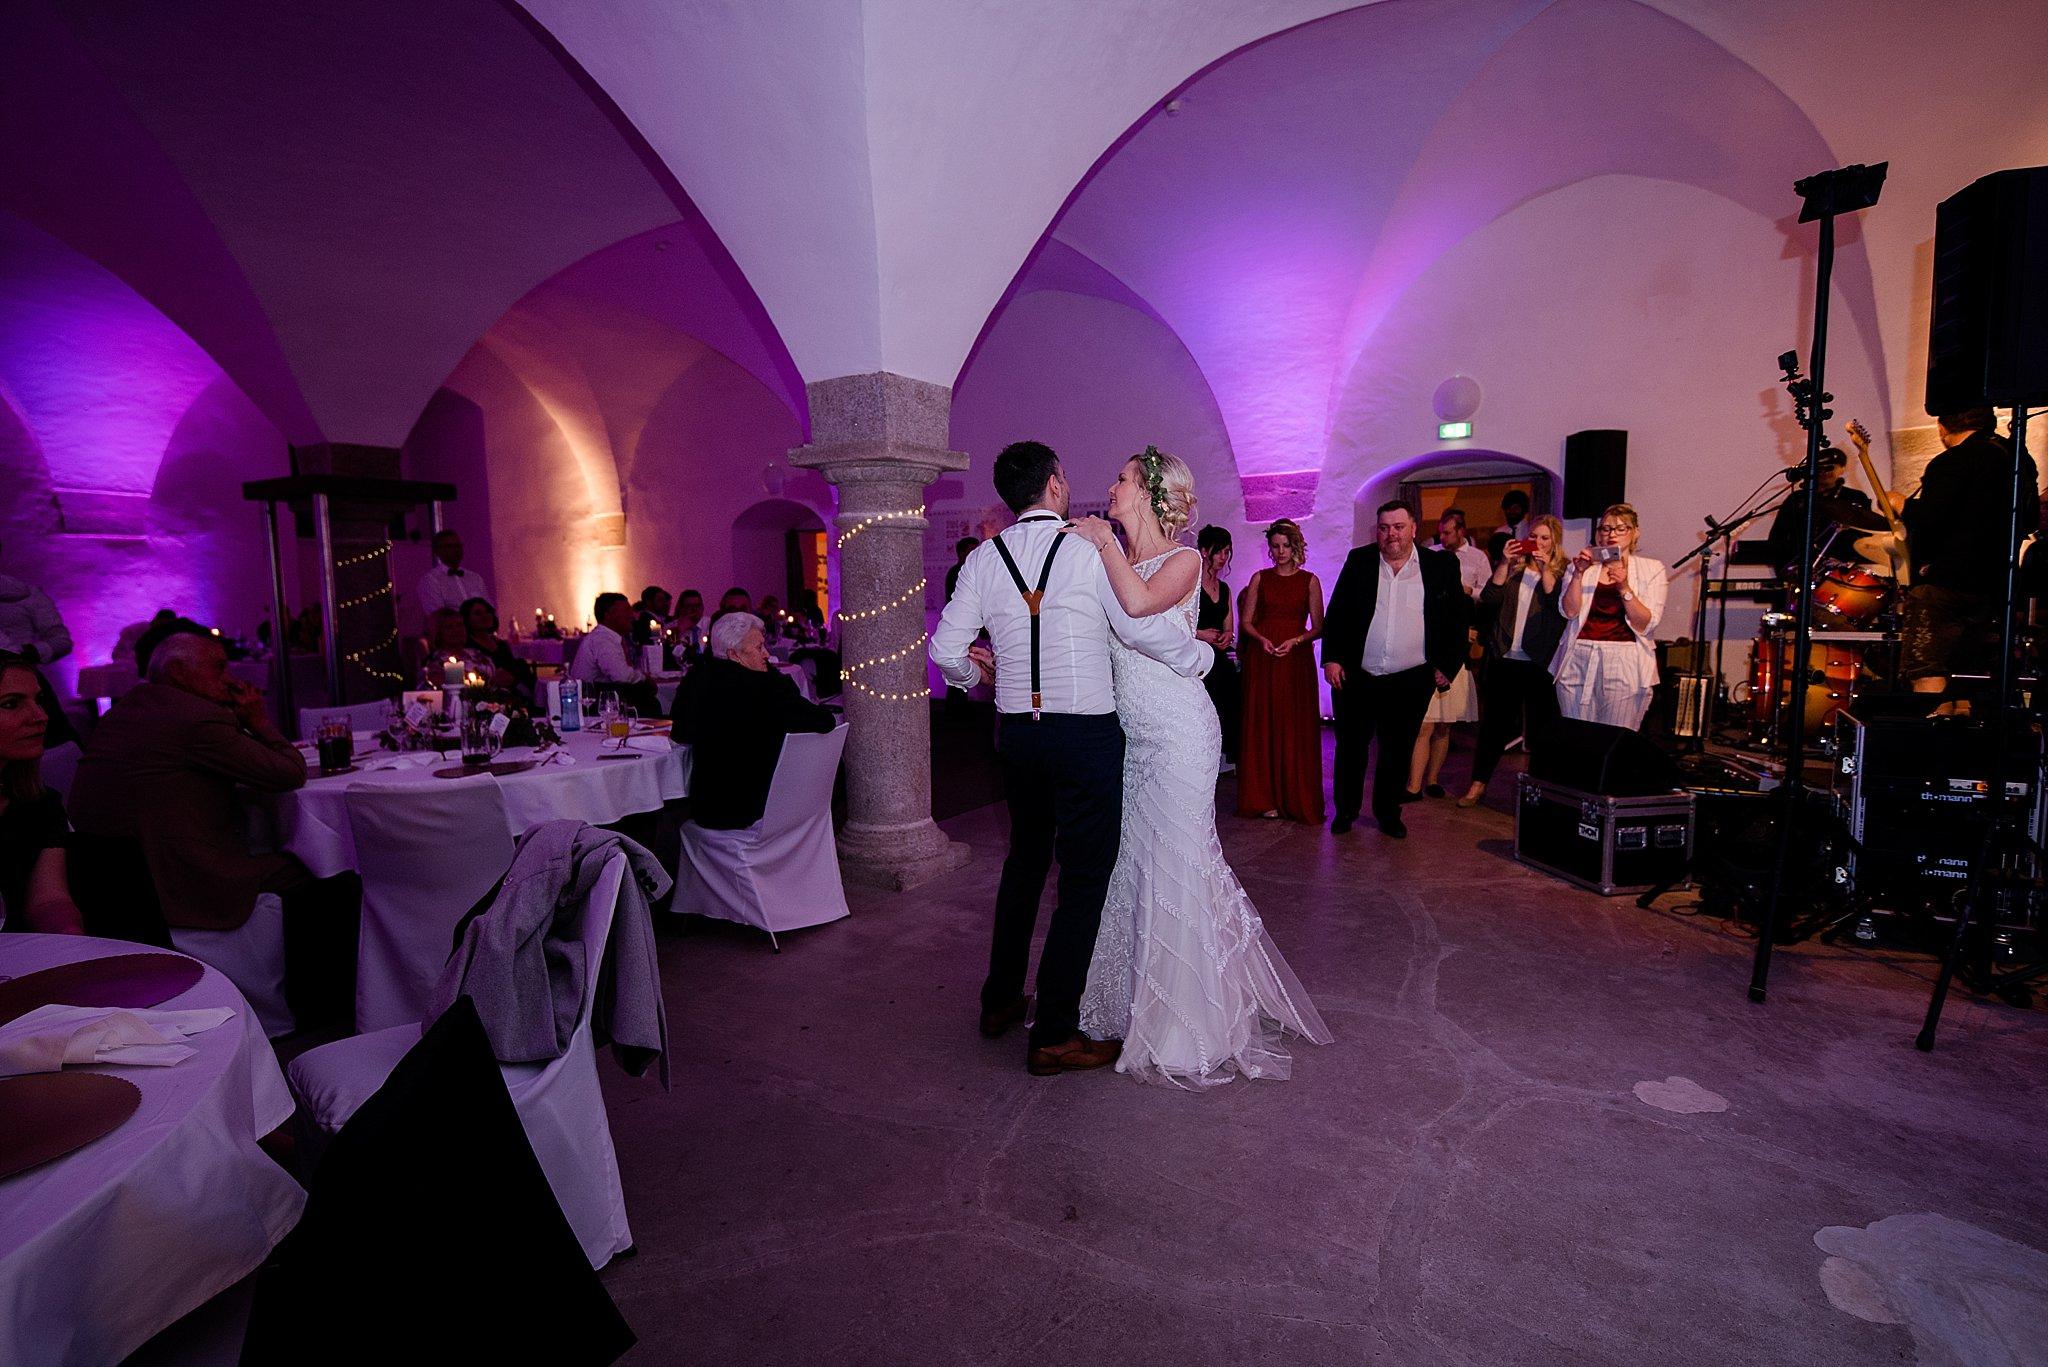 Hochzeit-von-Marina-Dominik-auf-Burg-Wernberg-und-Schloss-Friedrichsburg-00046